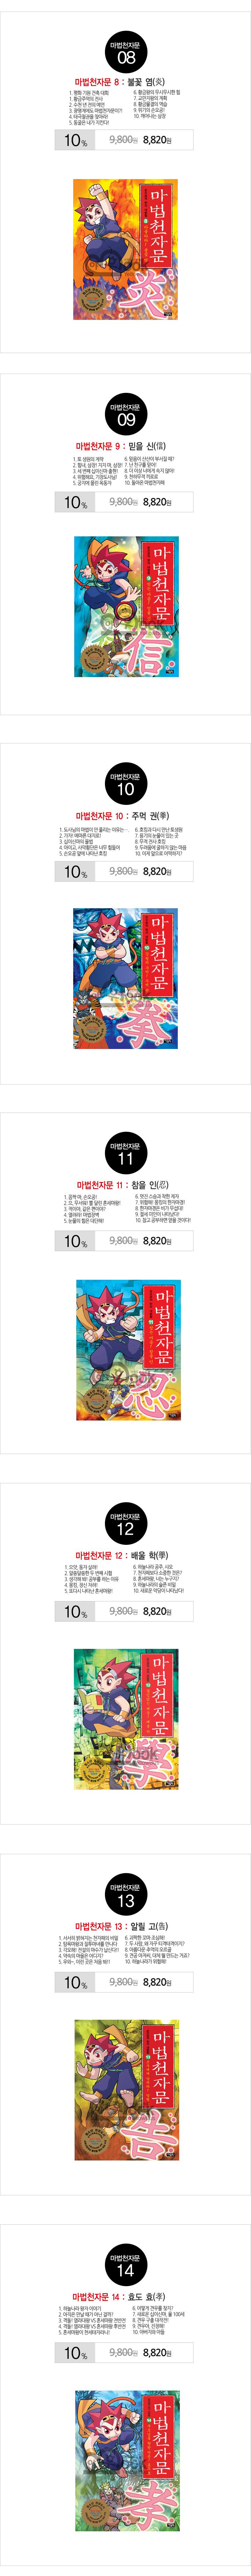 마법천자문 세트 (전40권+한자게임카드) 마법천자문시리즈 마법 ...